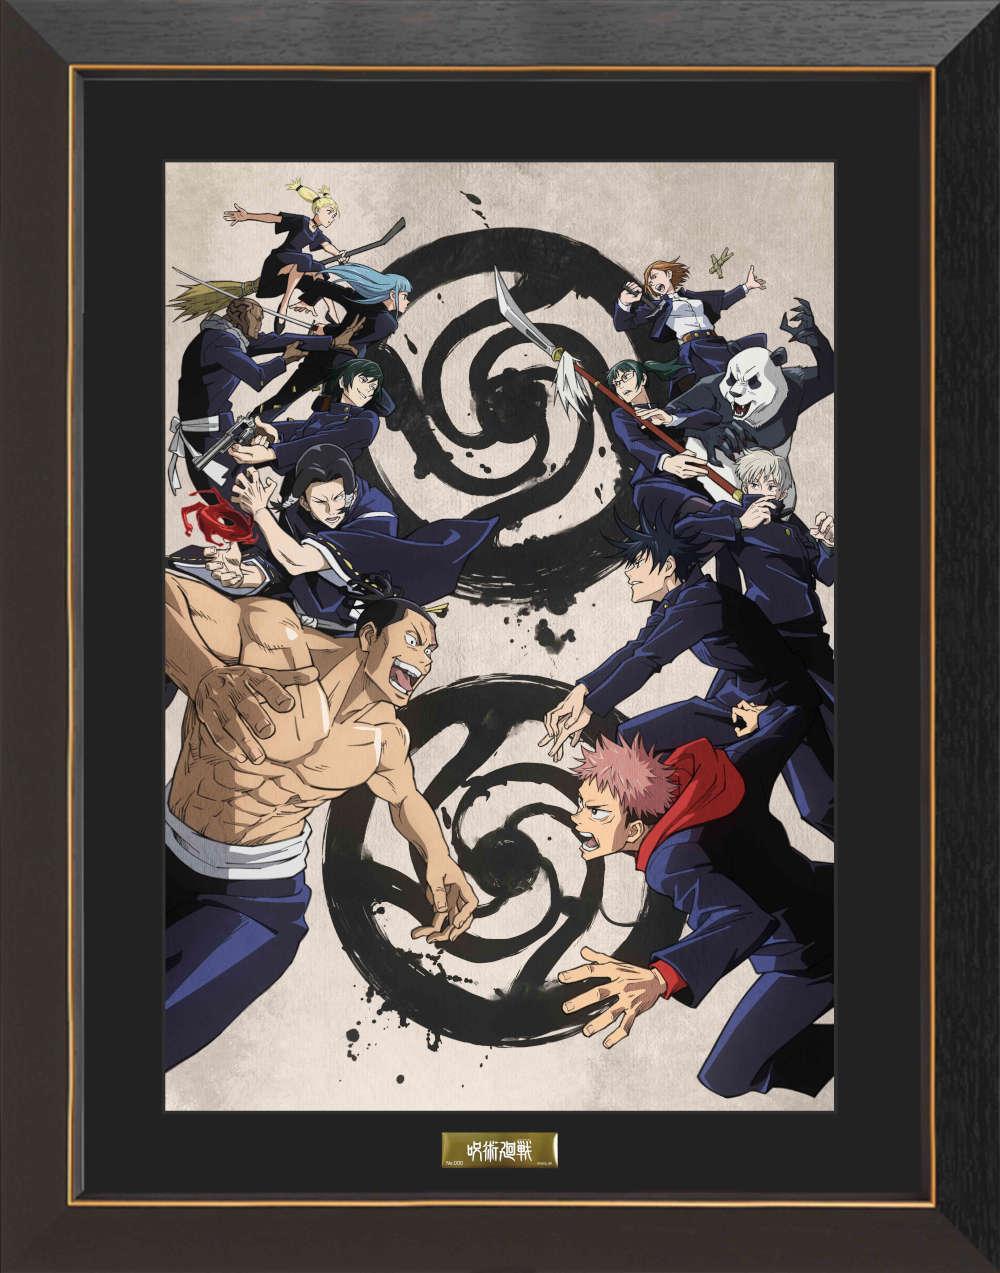 呪術廻戦 A3キャラファイングラフ キービジュアル -B-